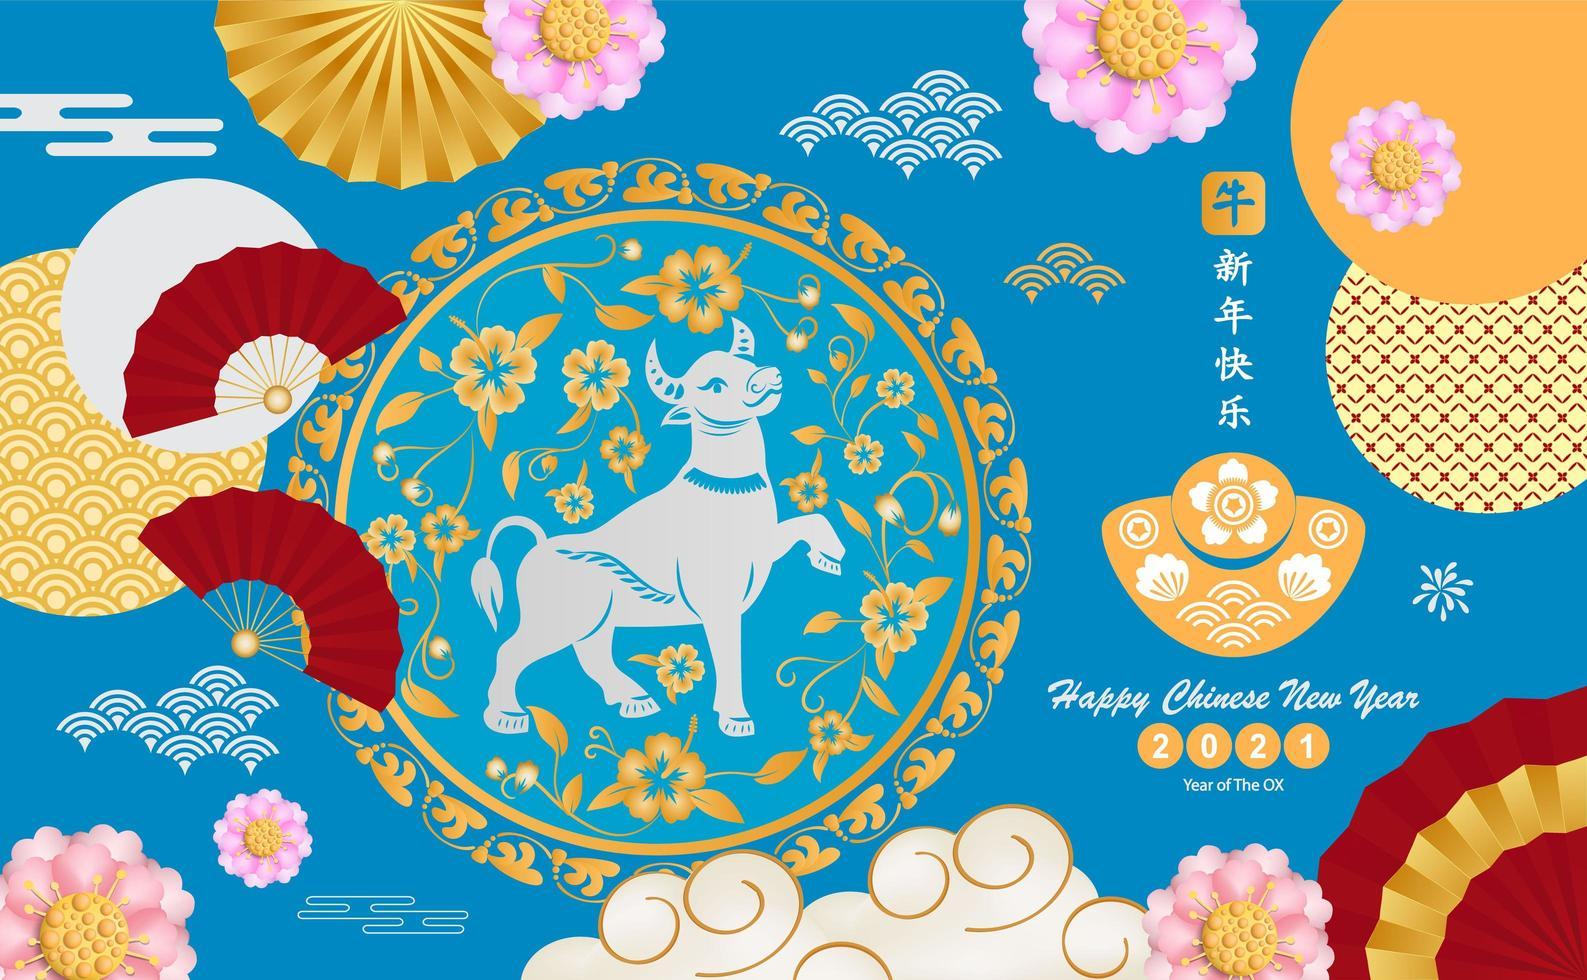 conception du nouvel an chinois avec des éléments de boeuf, de fleurs et asiatiques vecteur